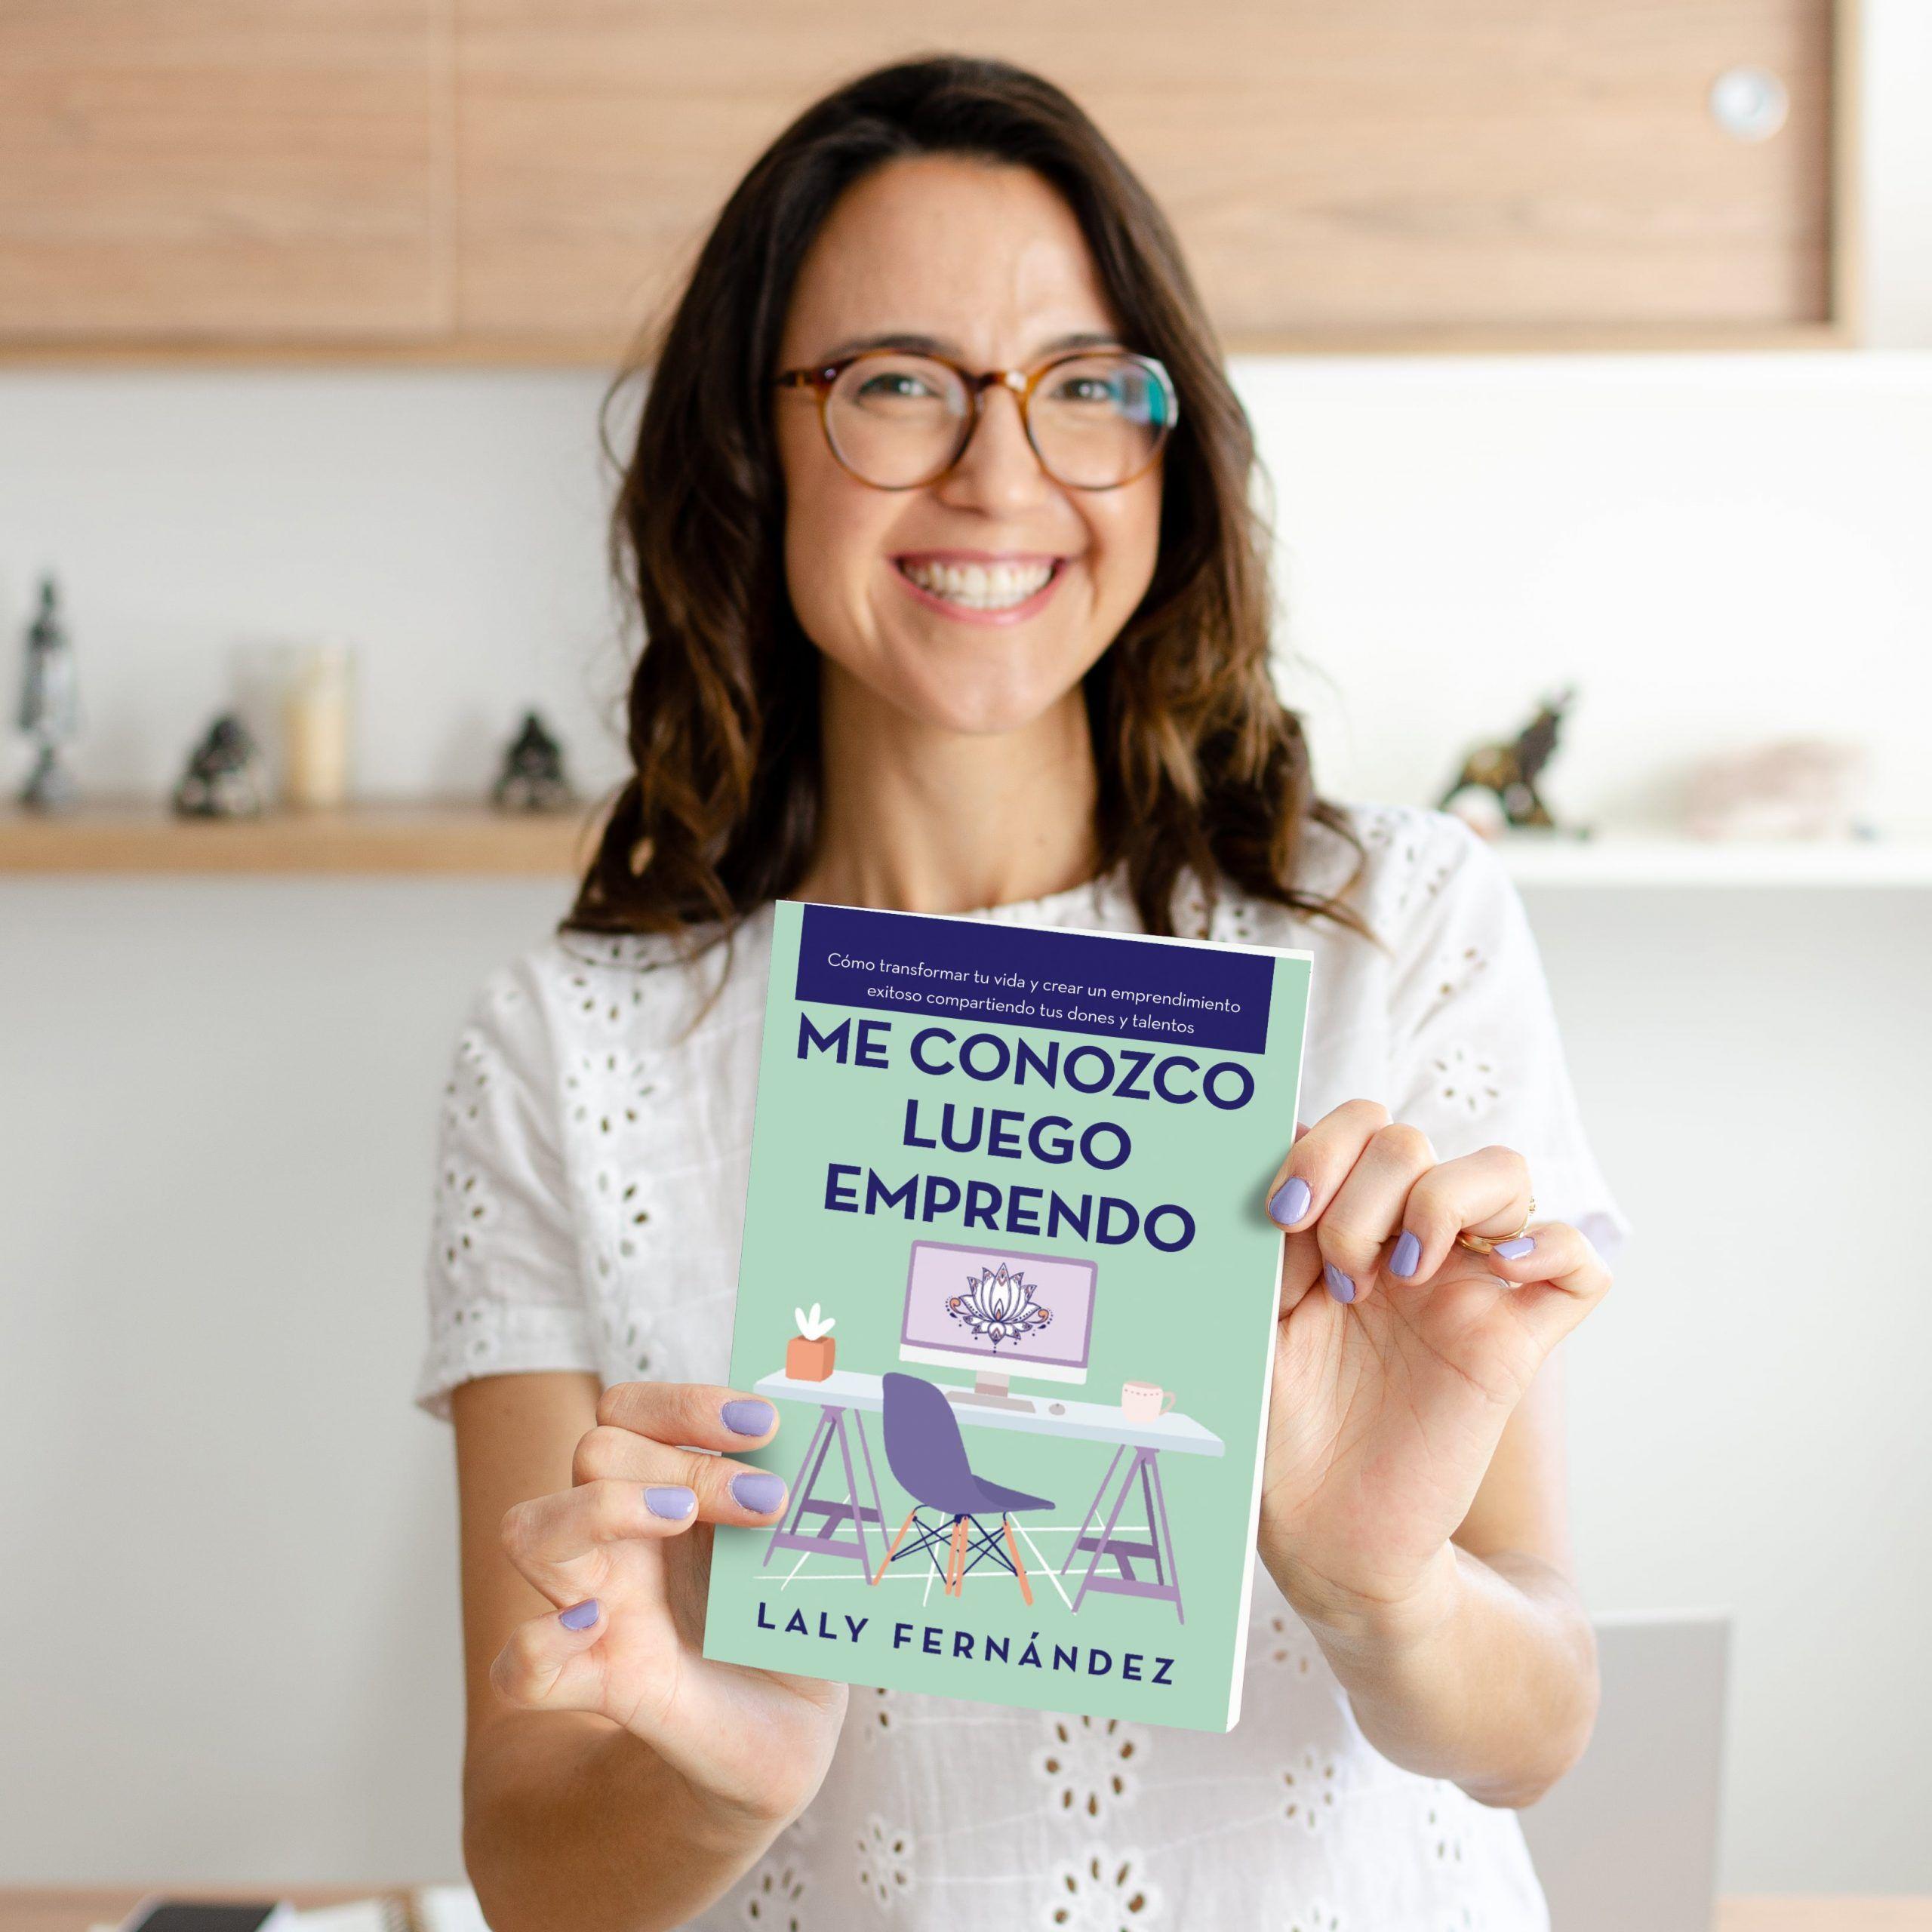 Laly Fernández con su libro Me Conozco Luego Emprendo